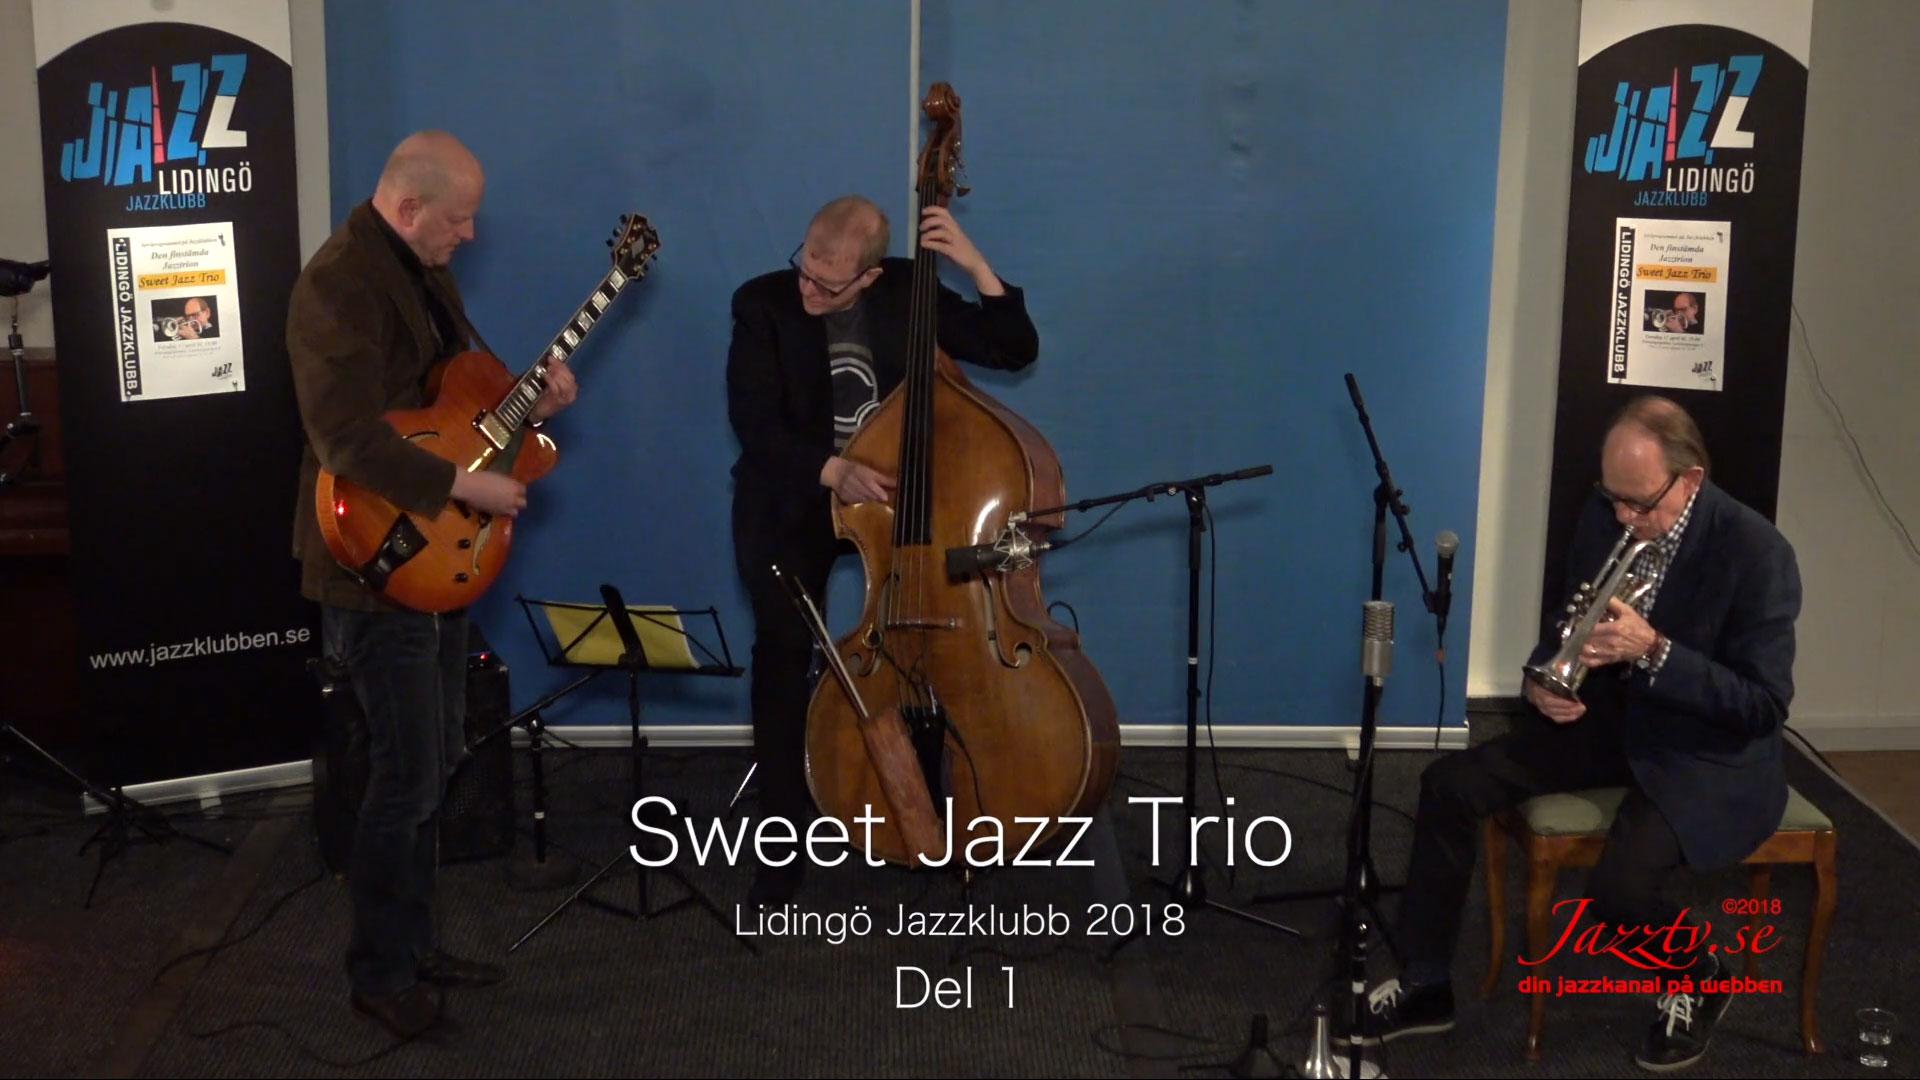 Sweet Jazz Trio